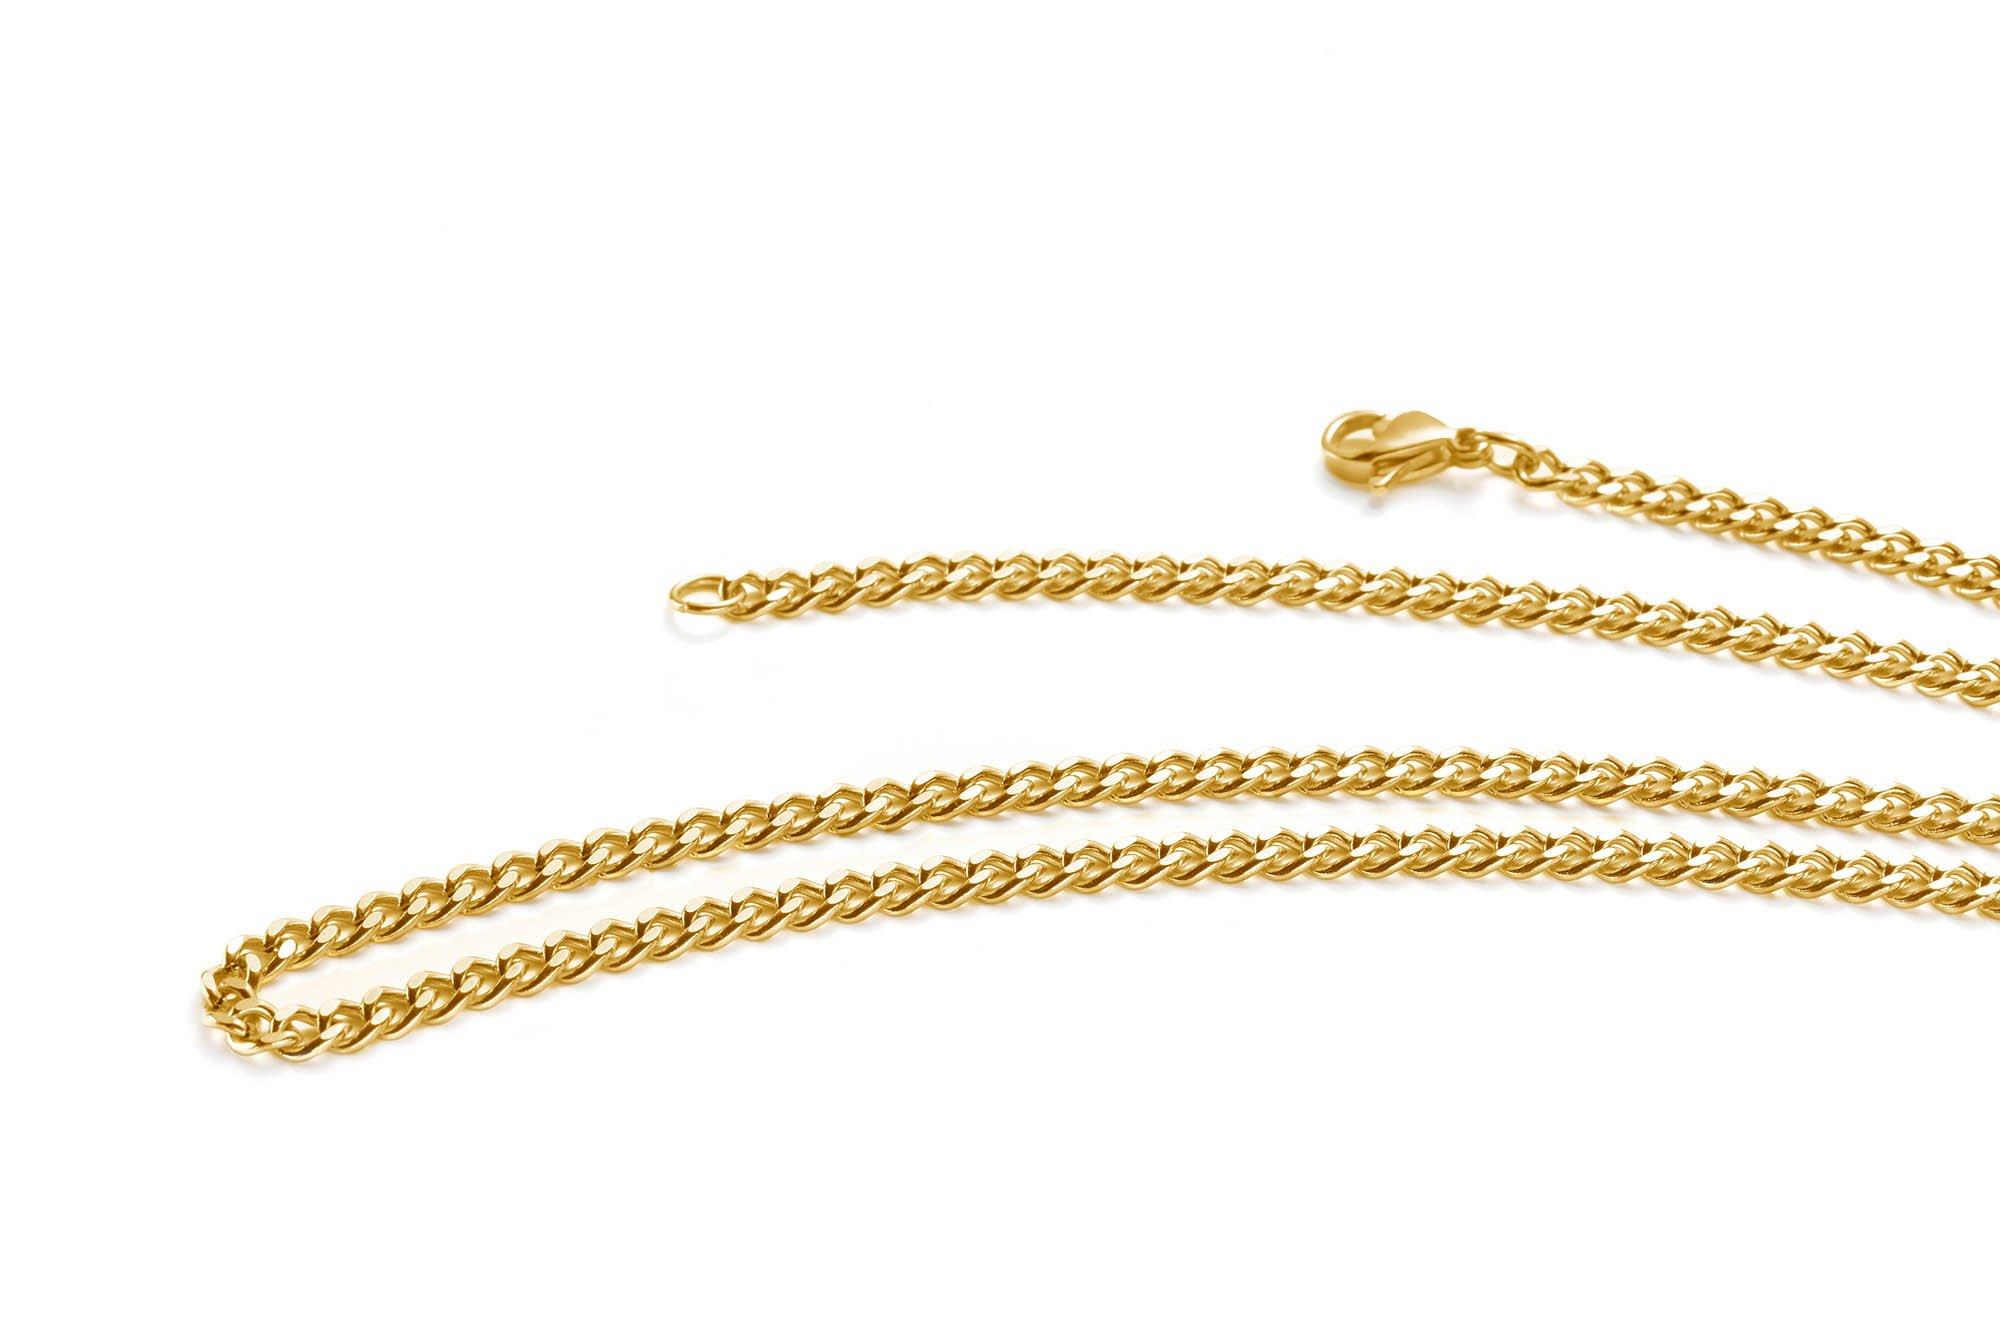 Fine 9Ct Gold Curb Chain 22 inch/1.4mm Vd1vAFLGRv